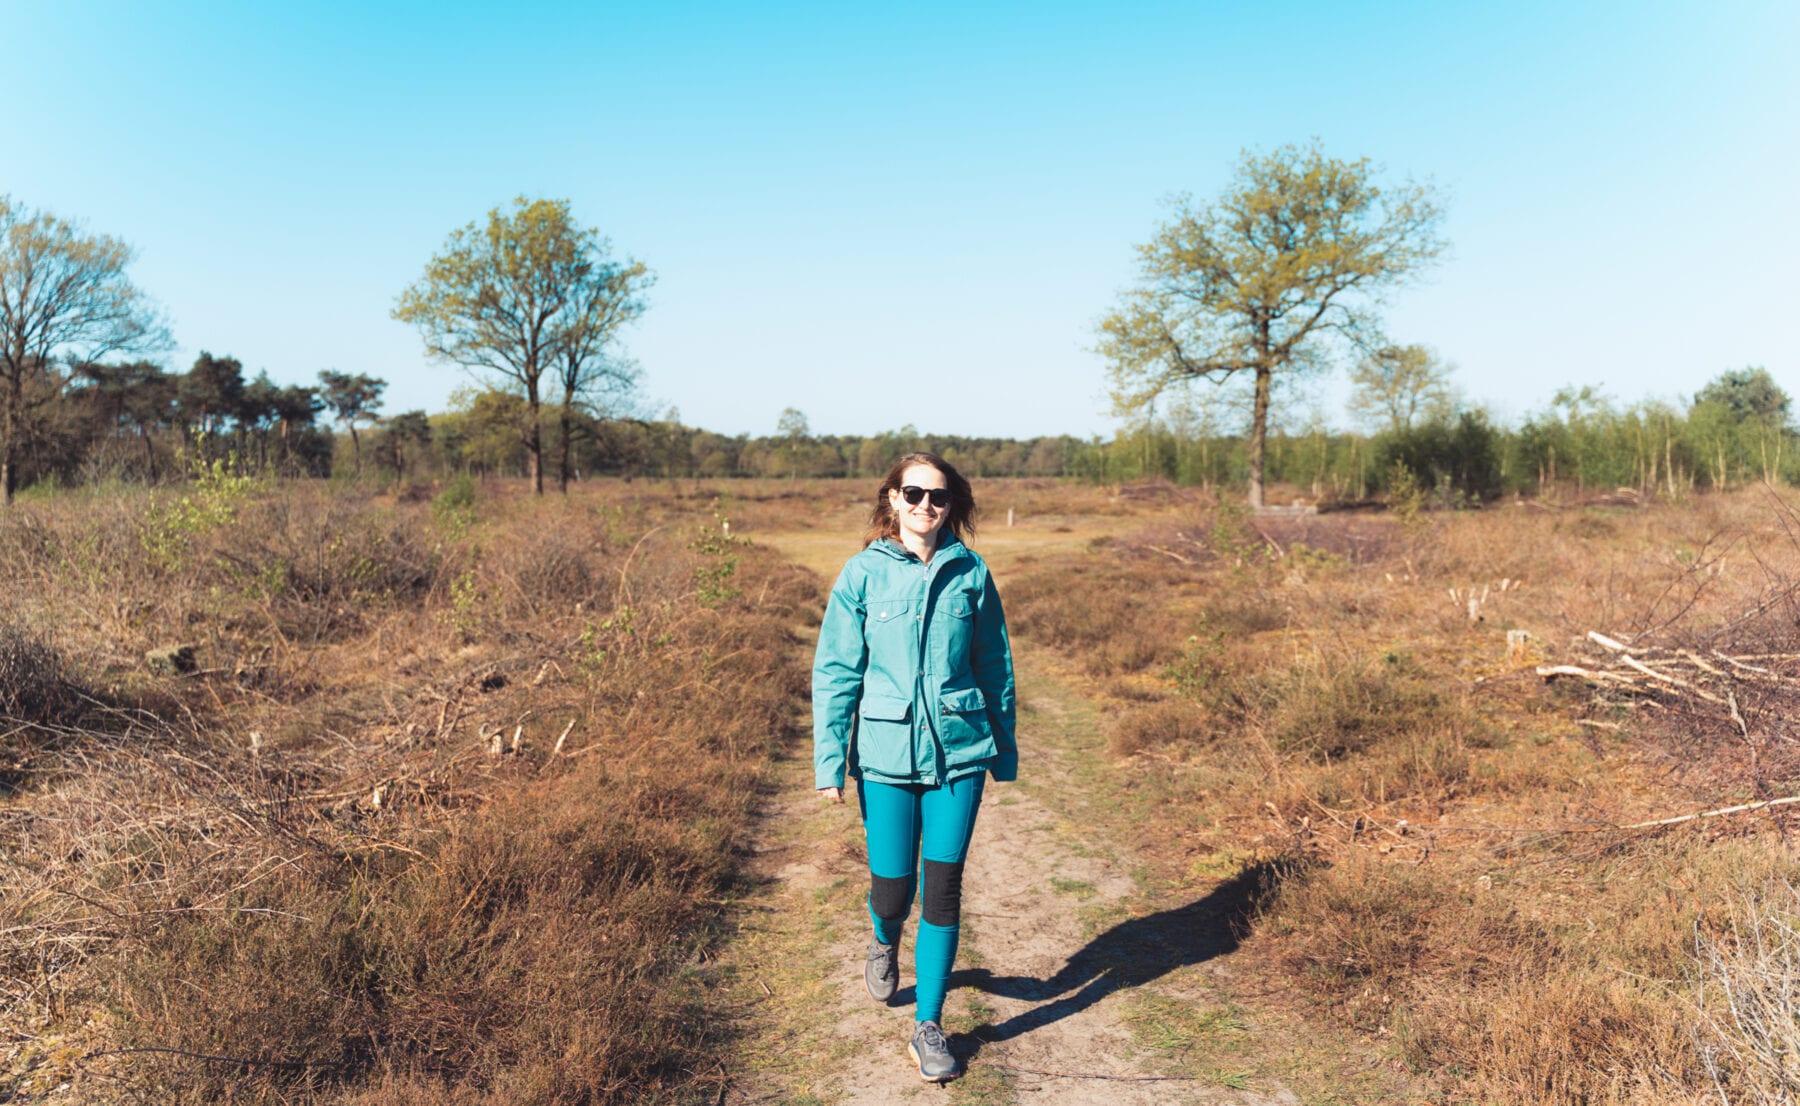 Wandelroute in de Maashorst header